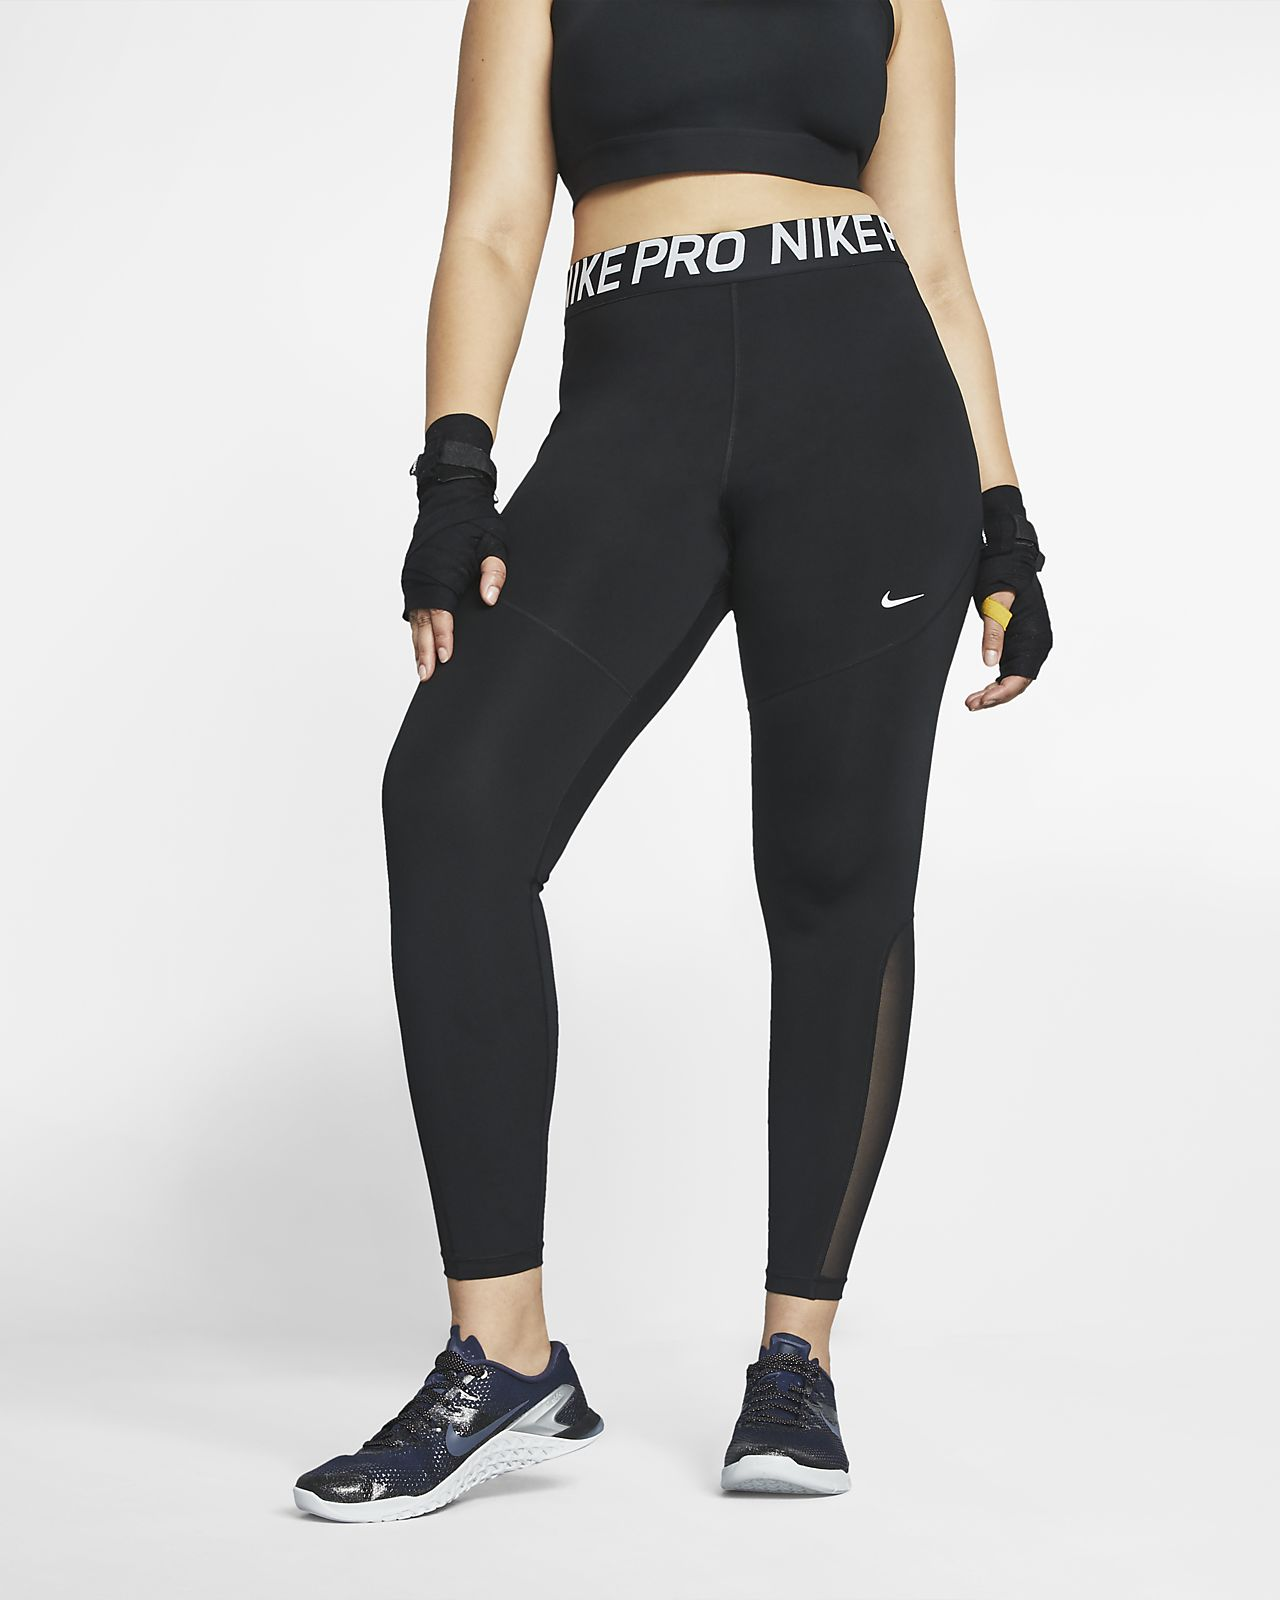 Taille Ma Femme Nike Pour Tight grande Pro qXPxxO